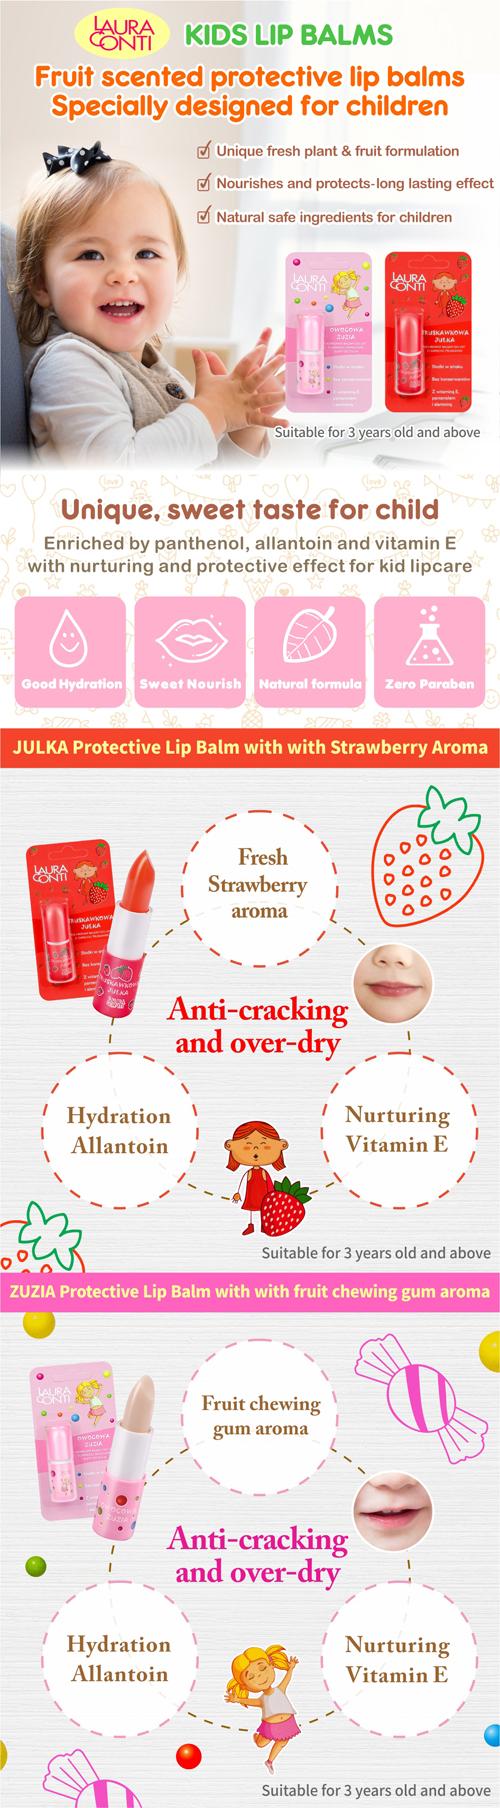 Zuzia protective lip balm